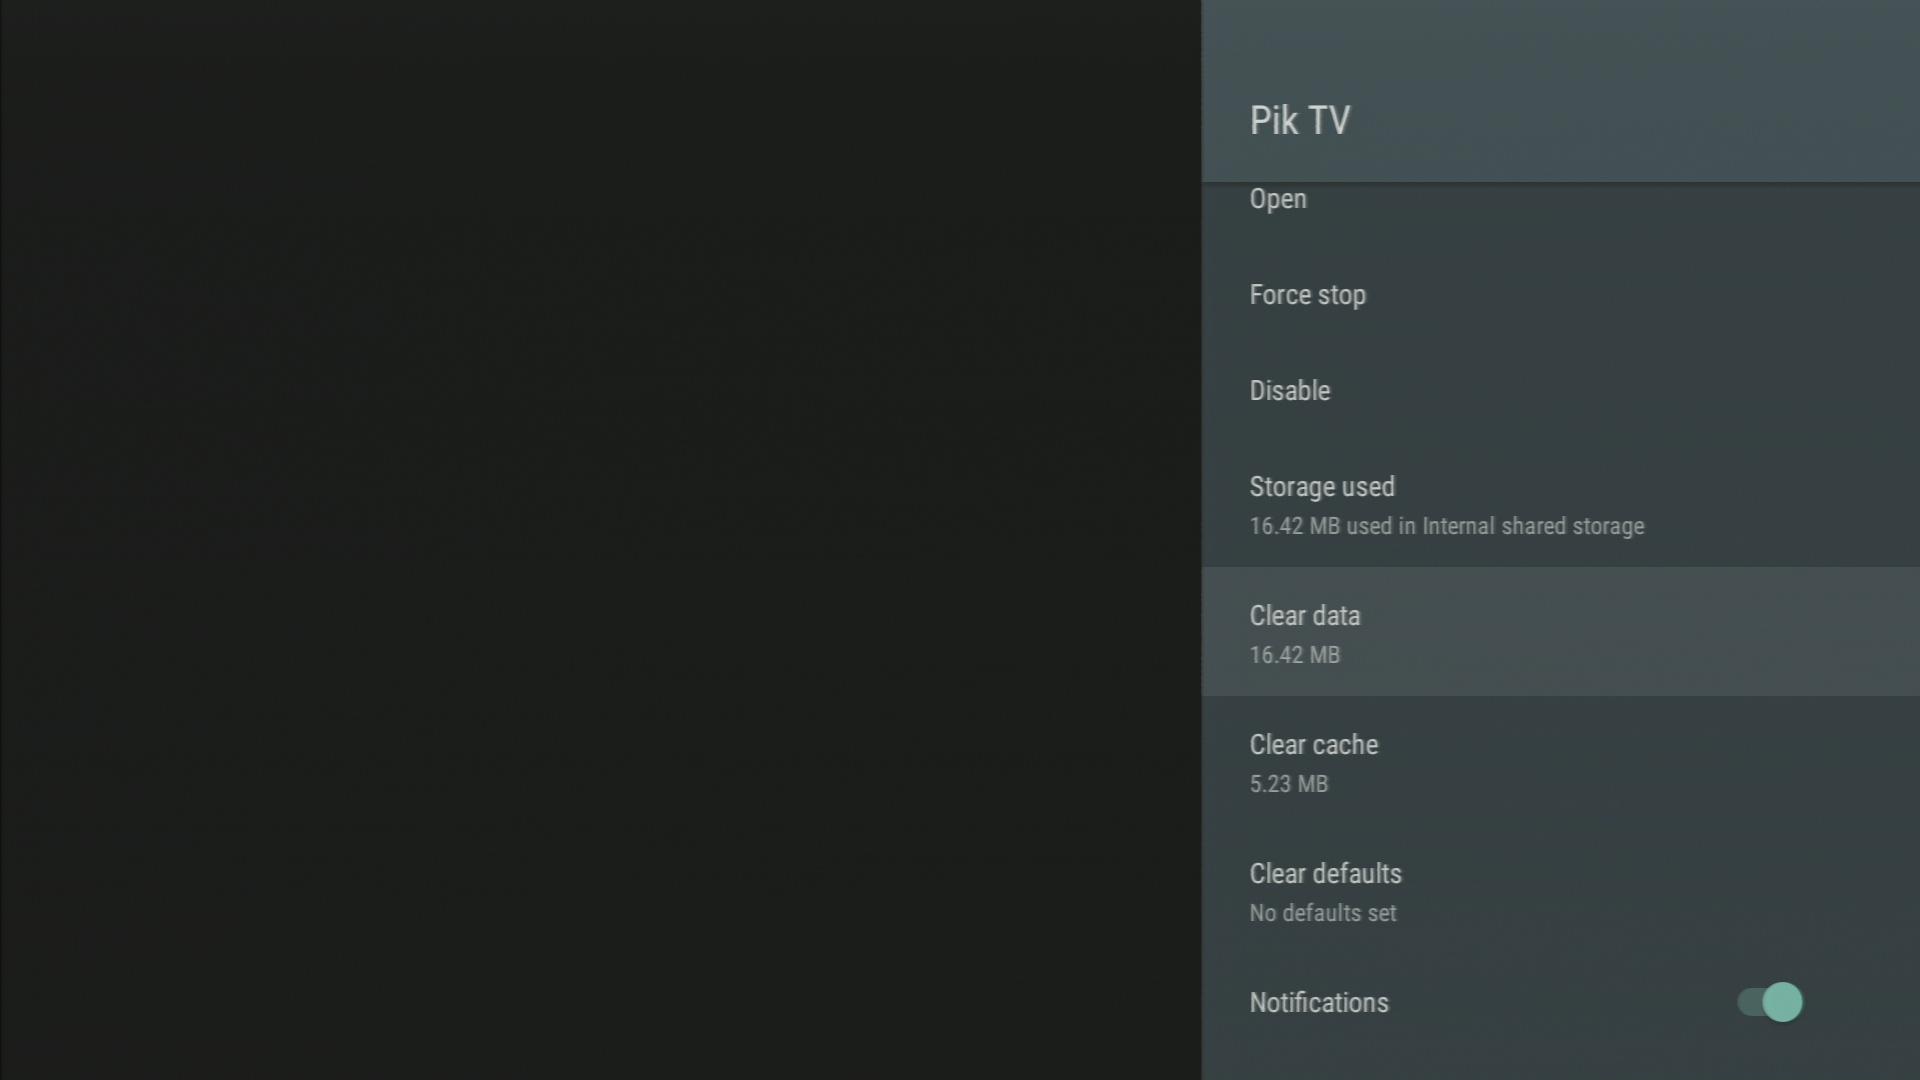 Reset the Pik TV app   Support   TELUS com